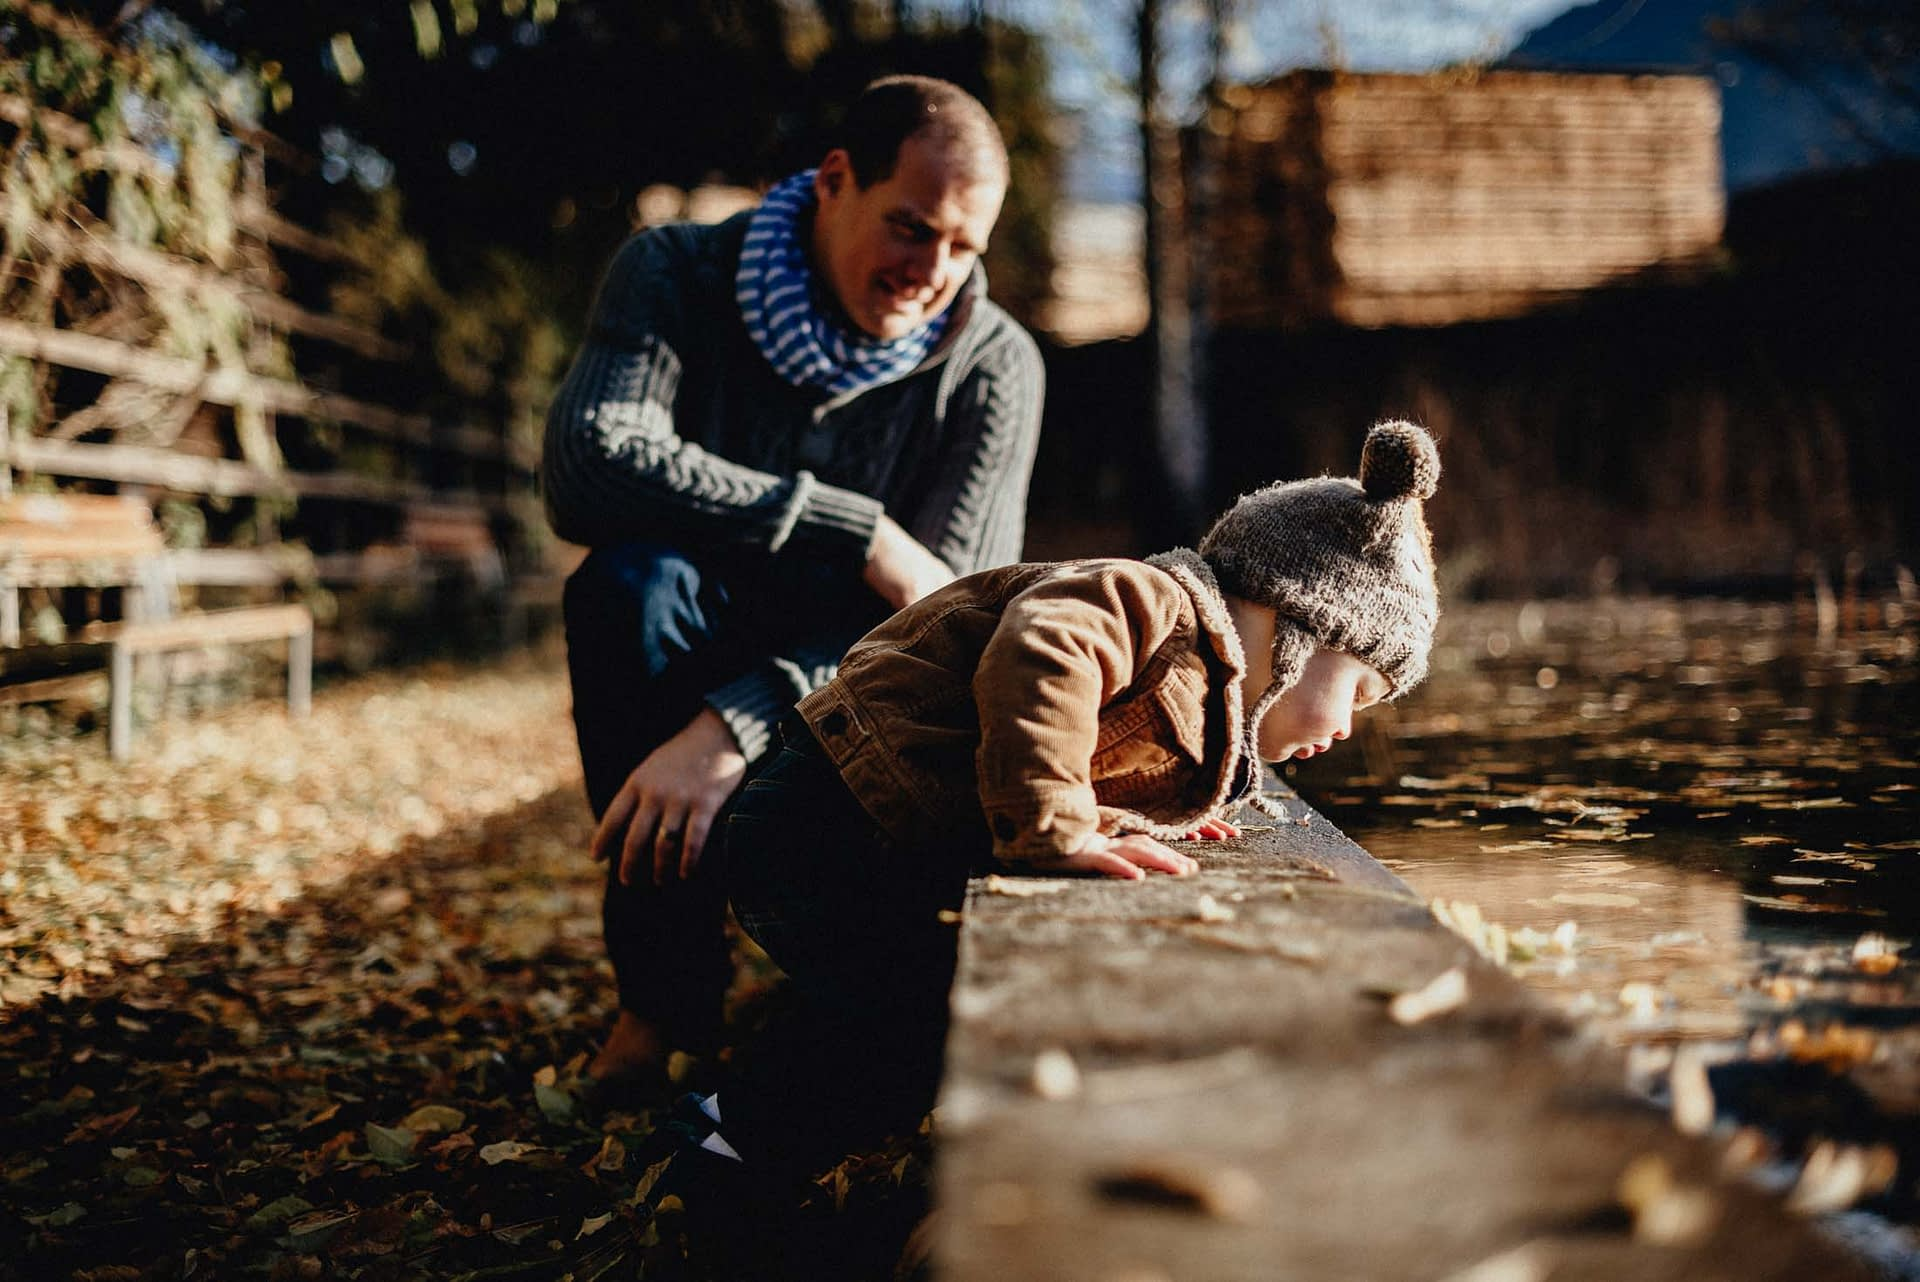 Familienshooting, Homeshooting, Neugeborene, Babyfotografie, Bodensee, Österreich, Vorarlberg, Lichtenstein, Süddetuschland, Hochzeitsfotograf Michael Nussbaumer